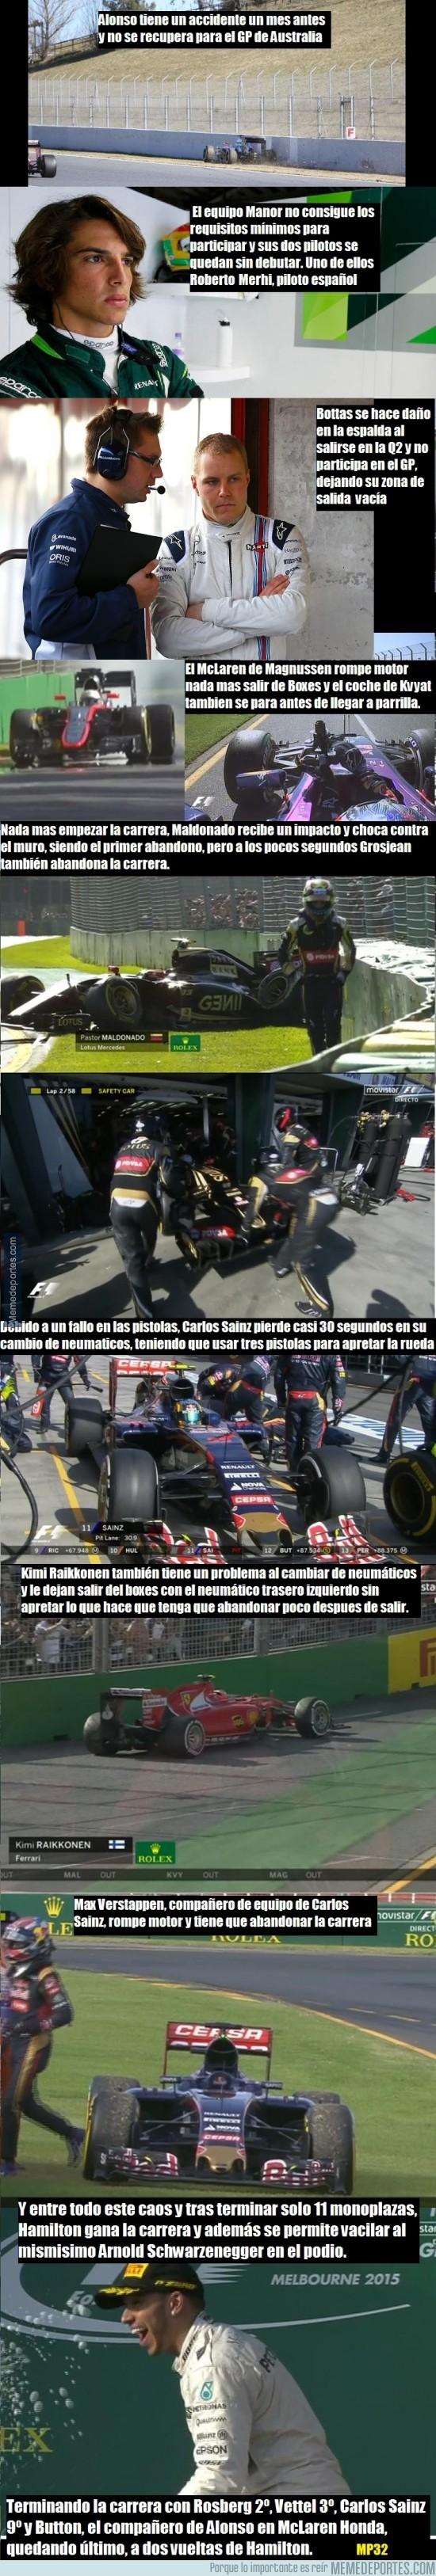 477133 - Resumen de la alocada carrera de Australia de F1 y sus ausencias y abandonos